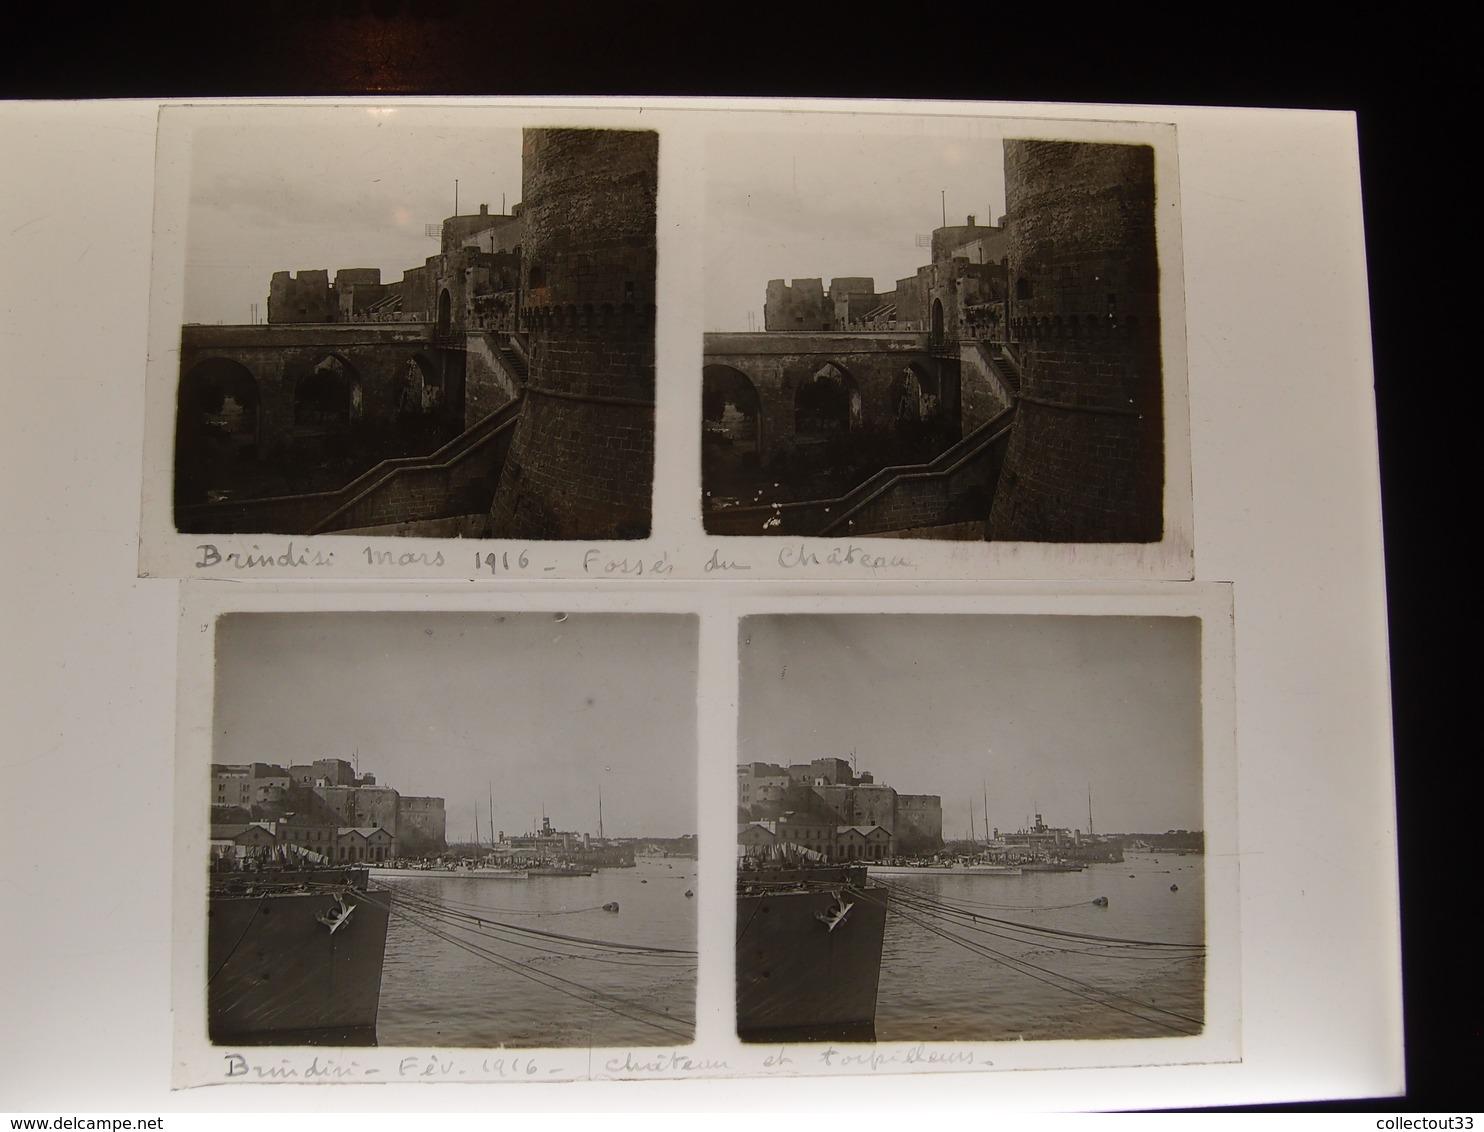 2 Plaques De Verre Stéréoscopiques Italie Brindisi 1916  Chateau Et Torpilleurs Marine Nationale - Diapositivas De Vidrio